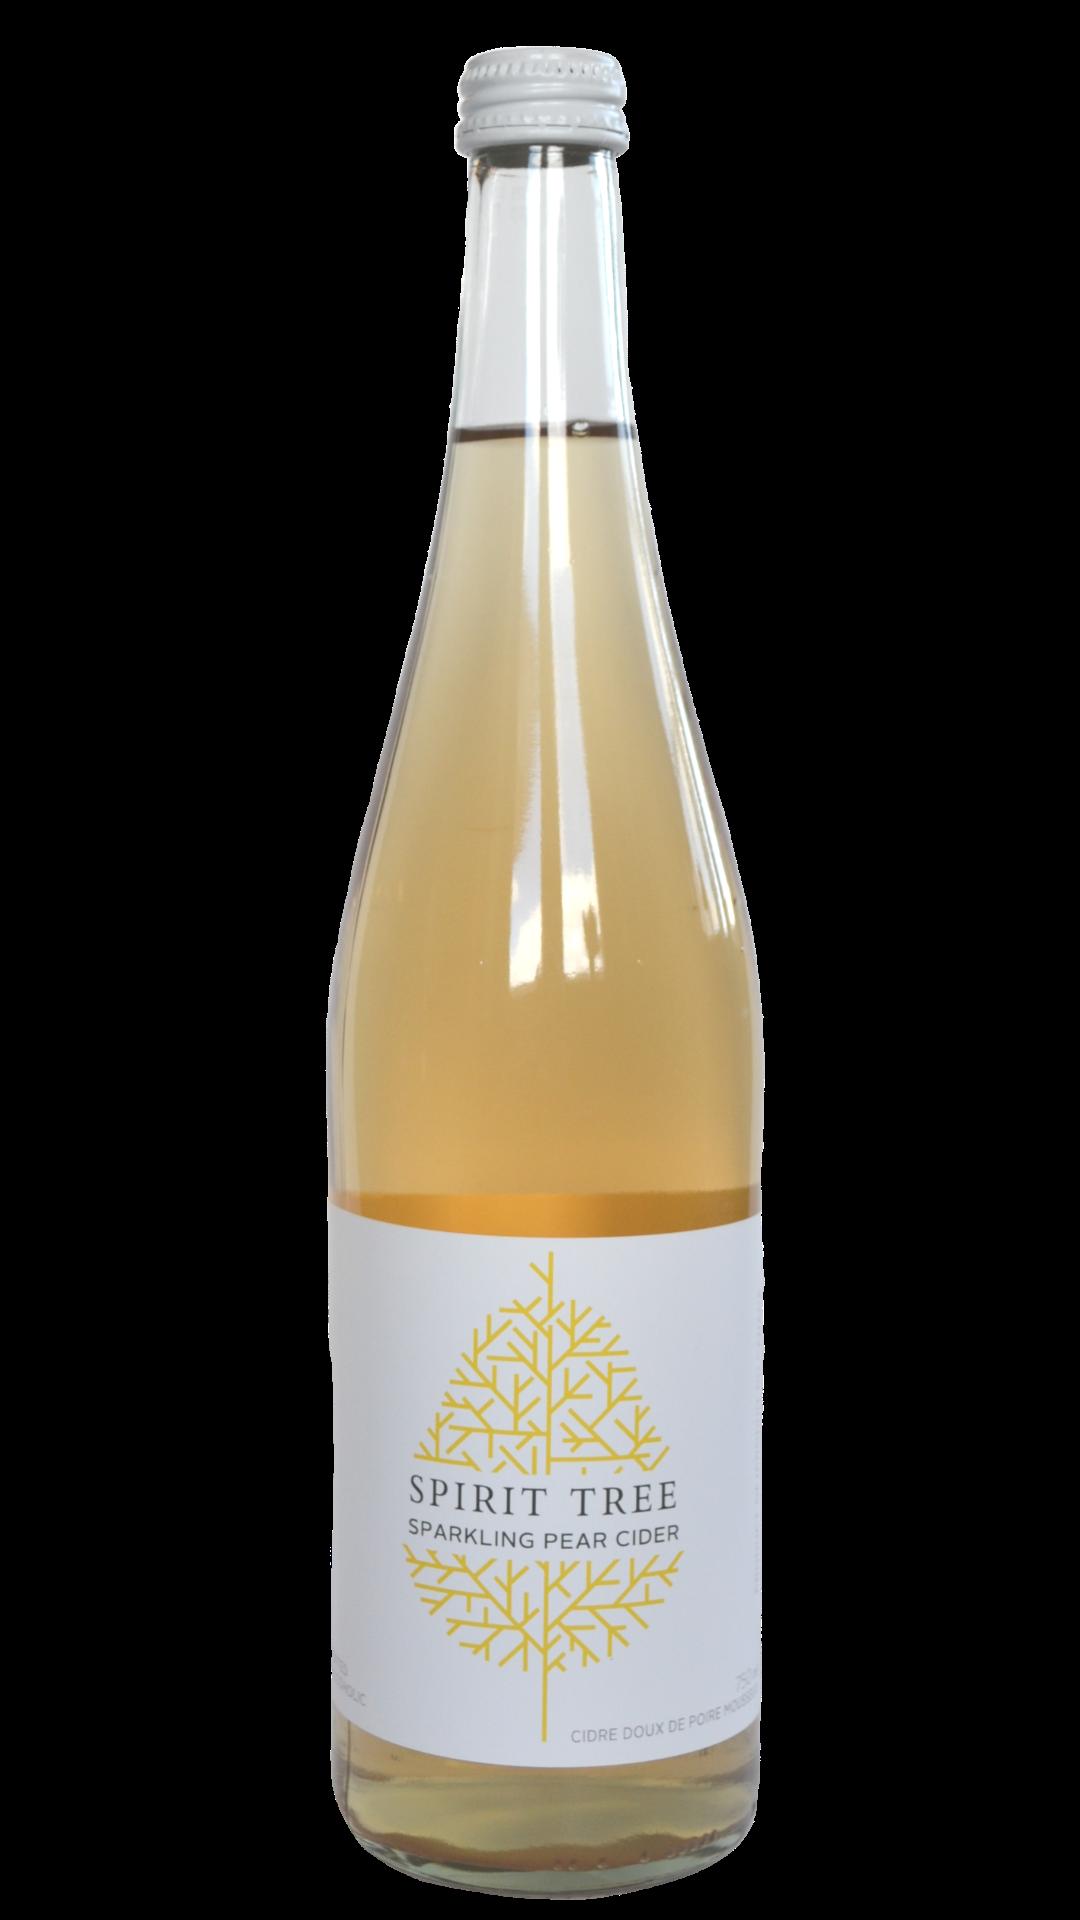 Sparkling Pear Cider